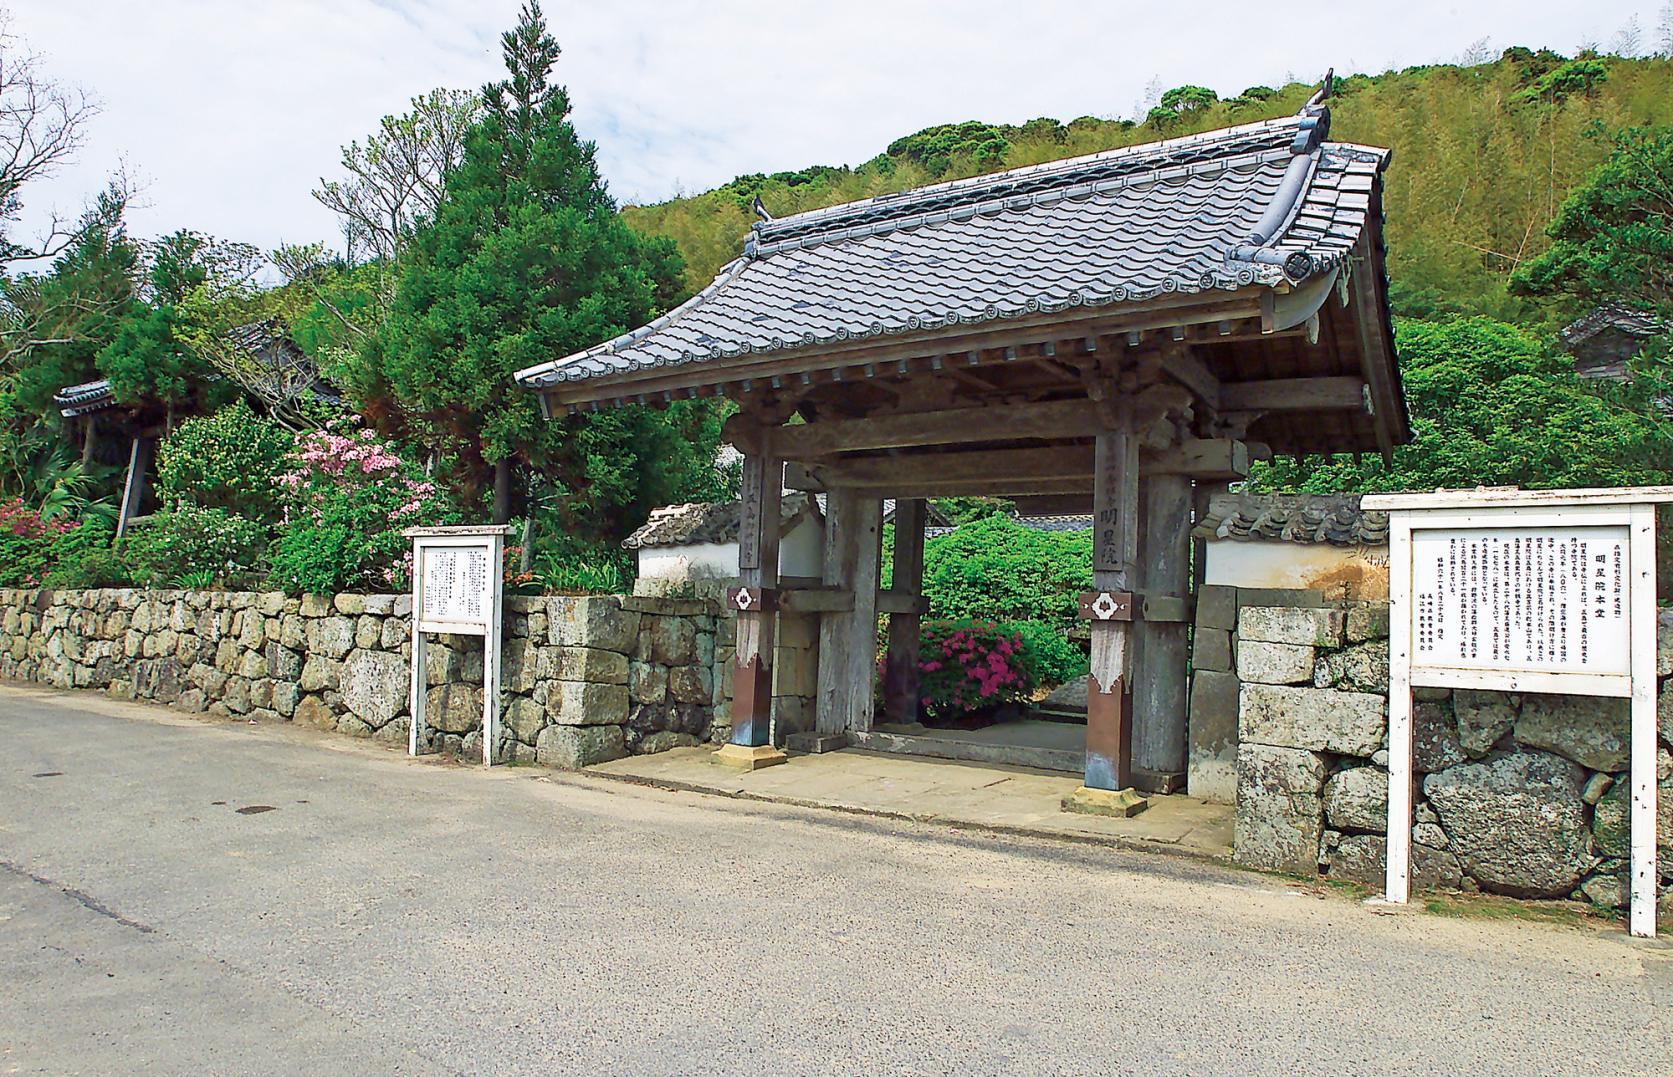 五島でお遍路!? 弘法大師ゆかりの地を訪ねる八十八ヶ所札所巡り-2